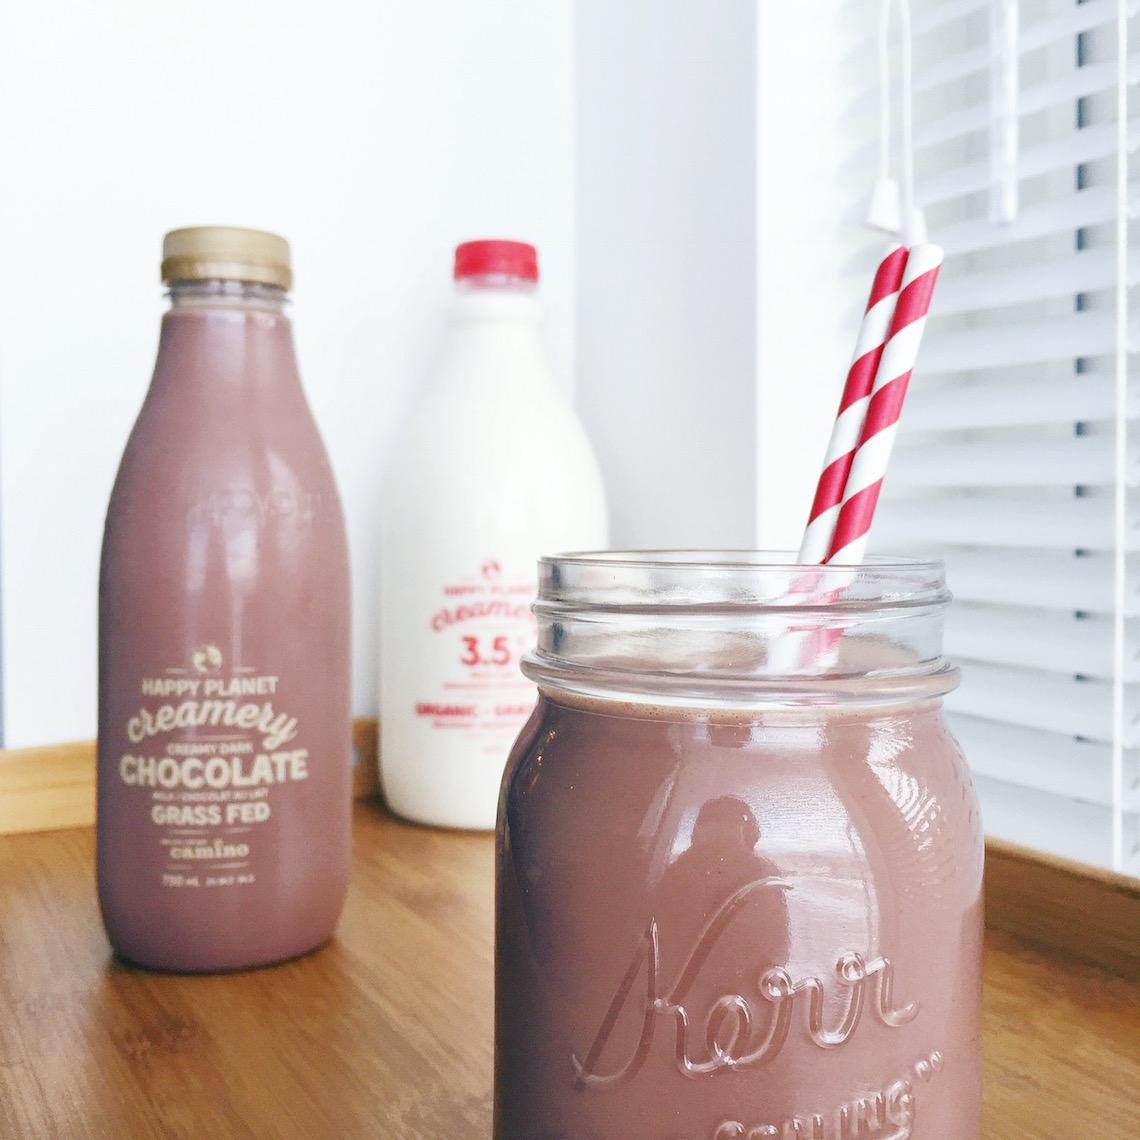 happy planet chocolate milk